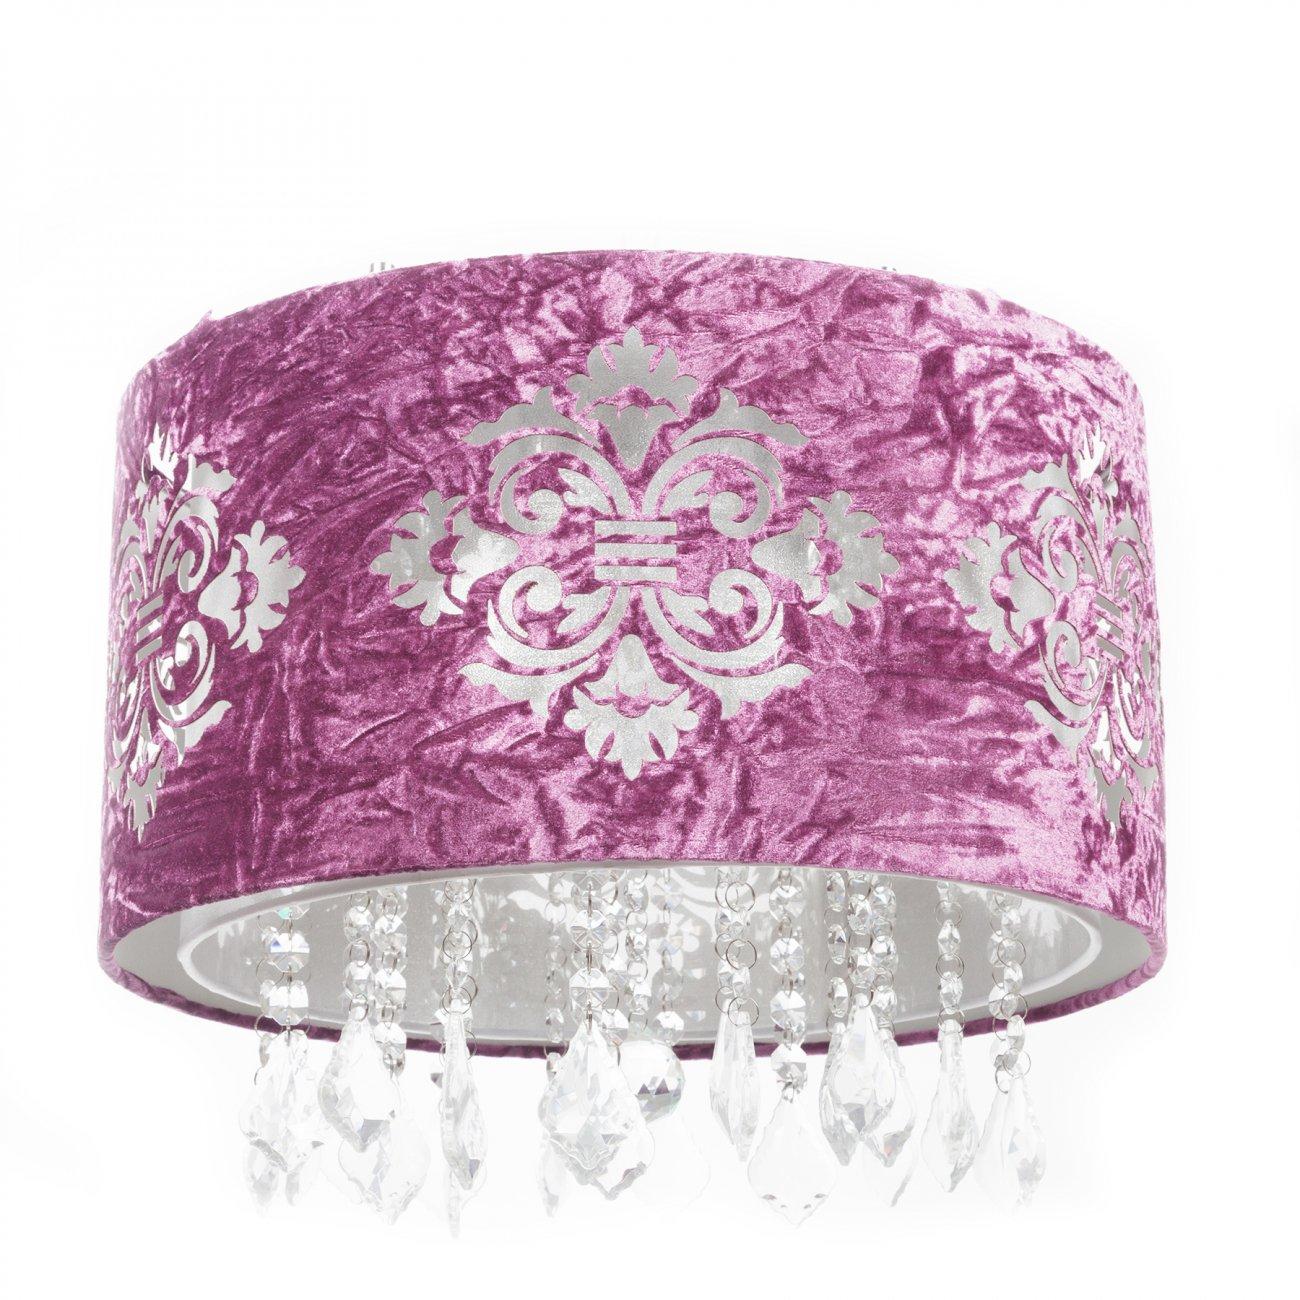 Купить Подвесная люстра Arnamento в интернет магазине дизайнерской мебели и аксессуаров для дома и дачи